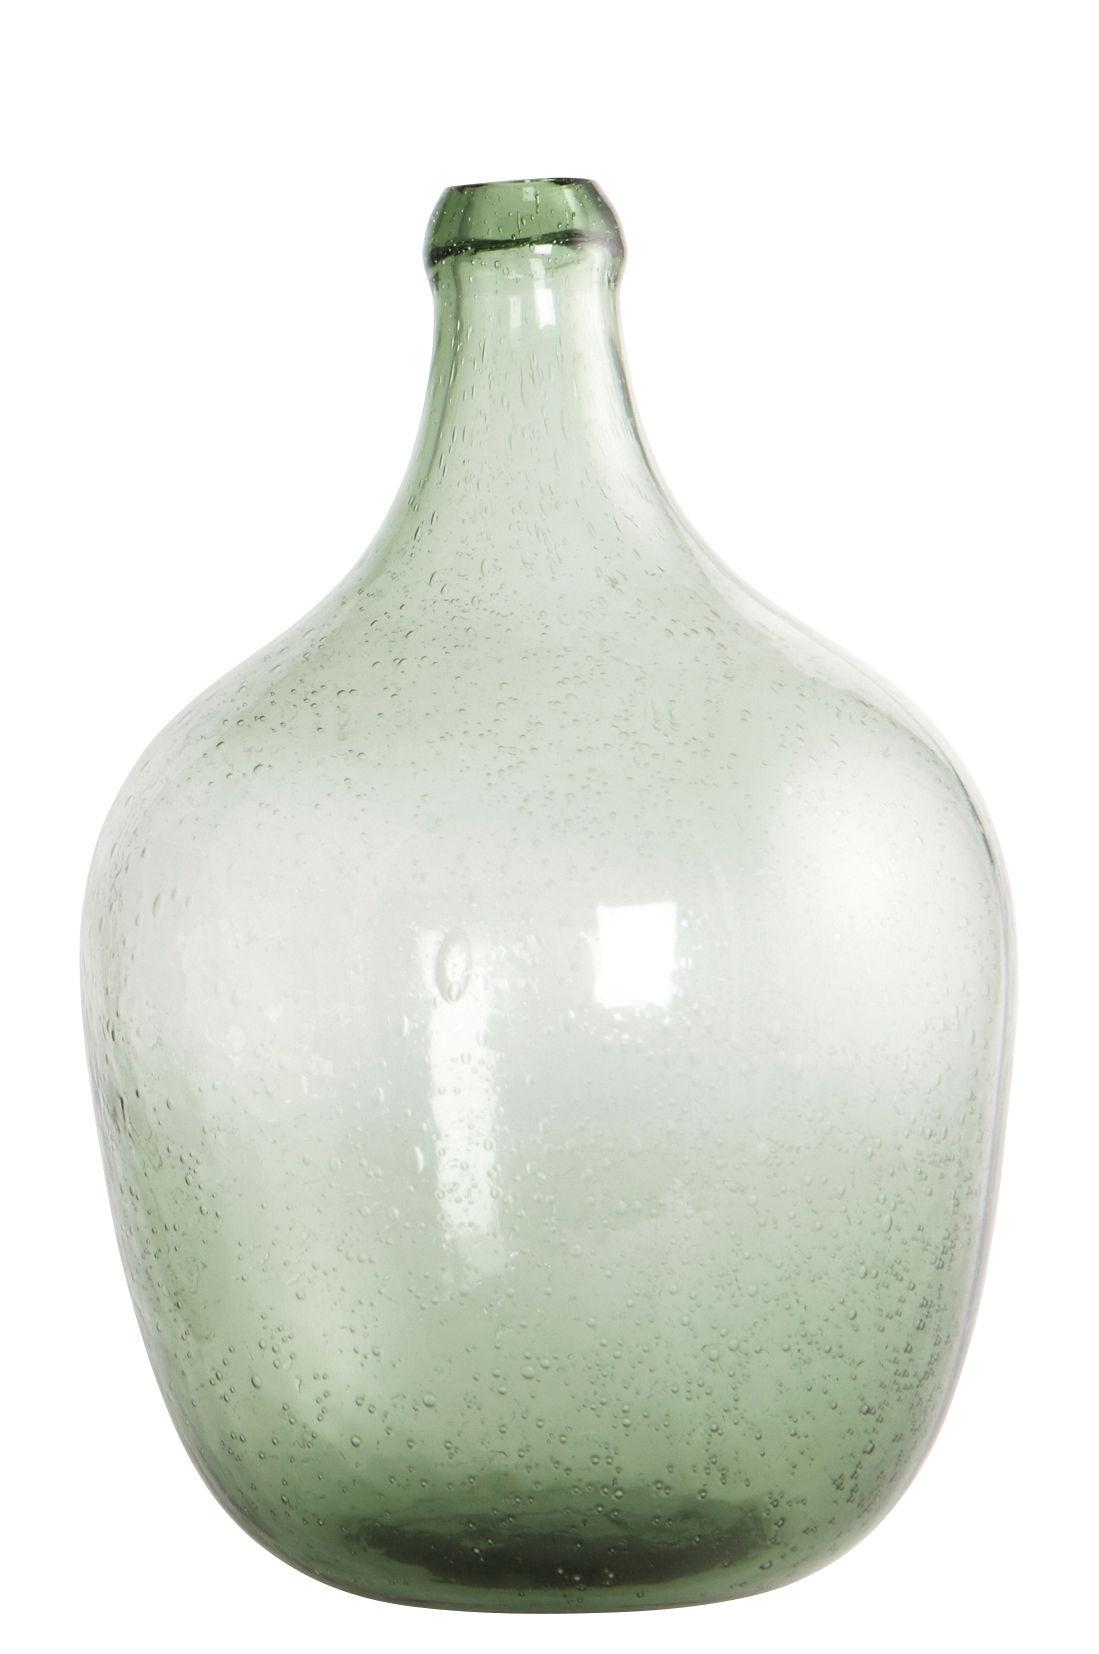 Interni - Vasi - Vaso per un solo fiore Bottle / Ø 19,5 x H 28,5 cm - House Doctor - Verde chiaro - Vetro soffiato a bocca